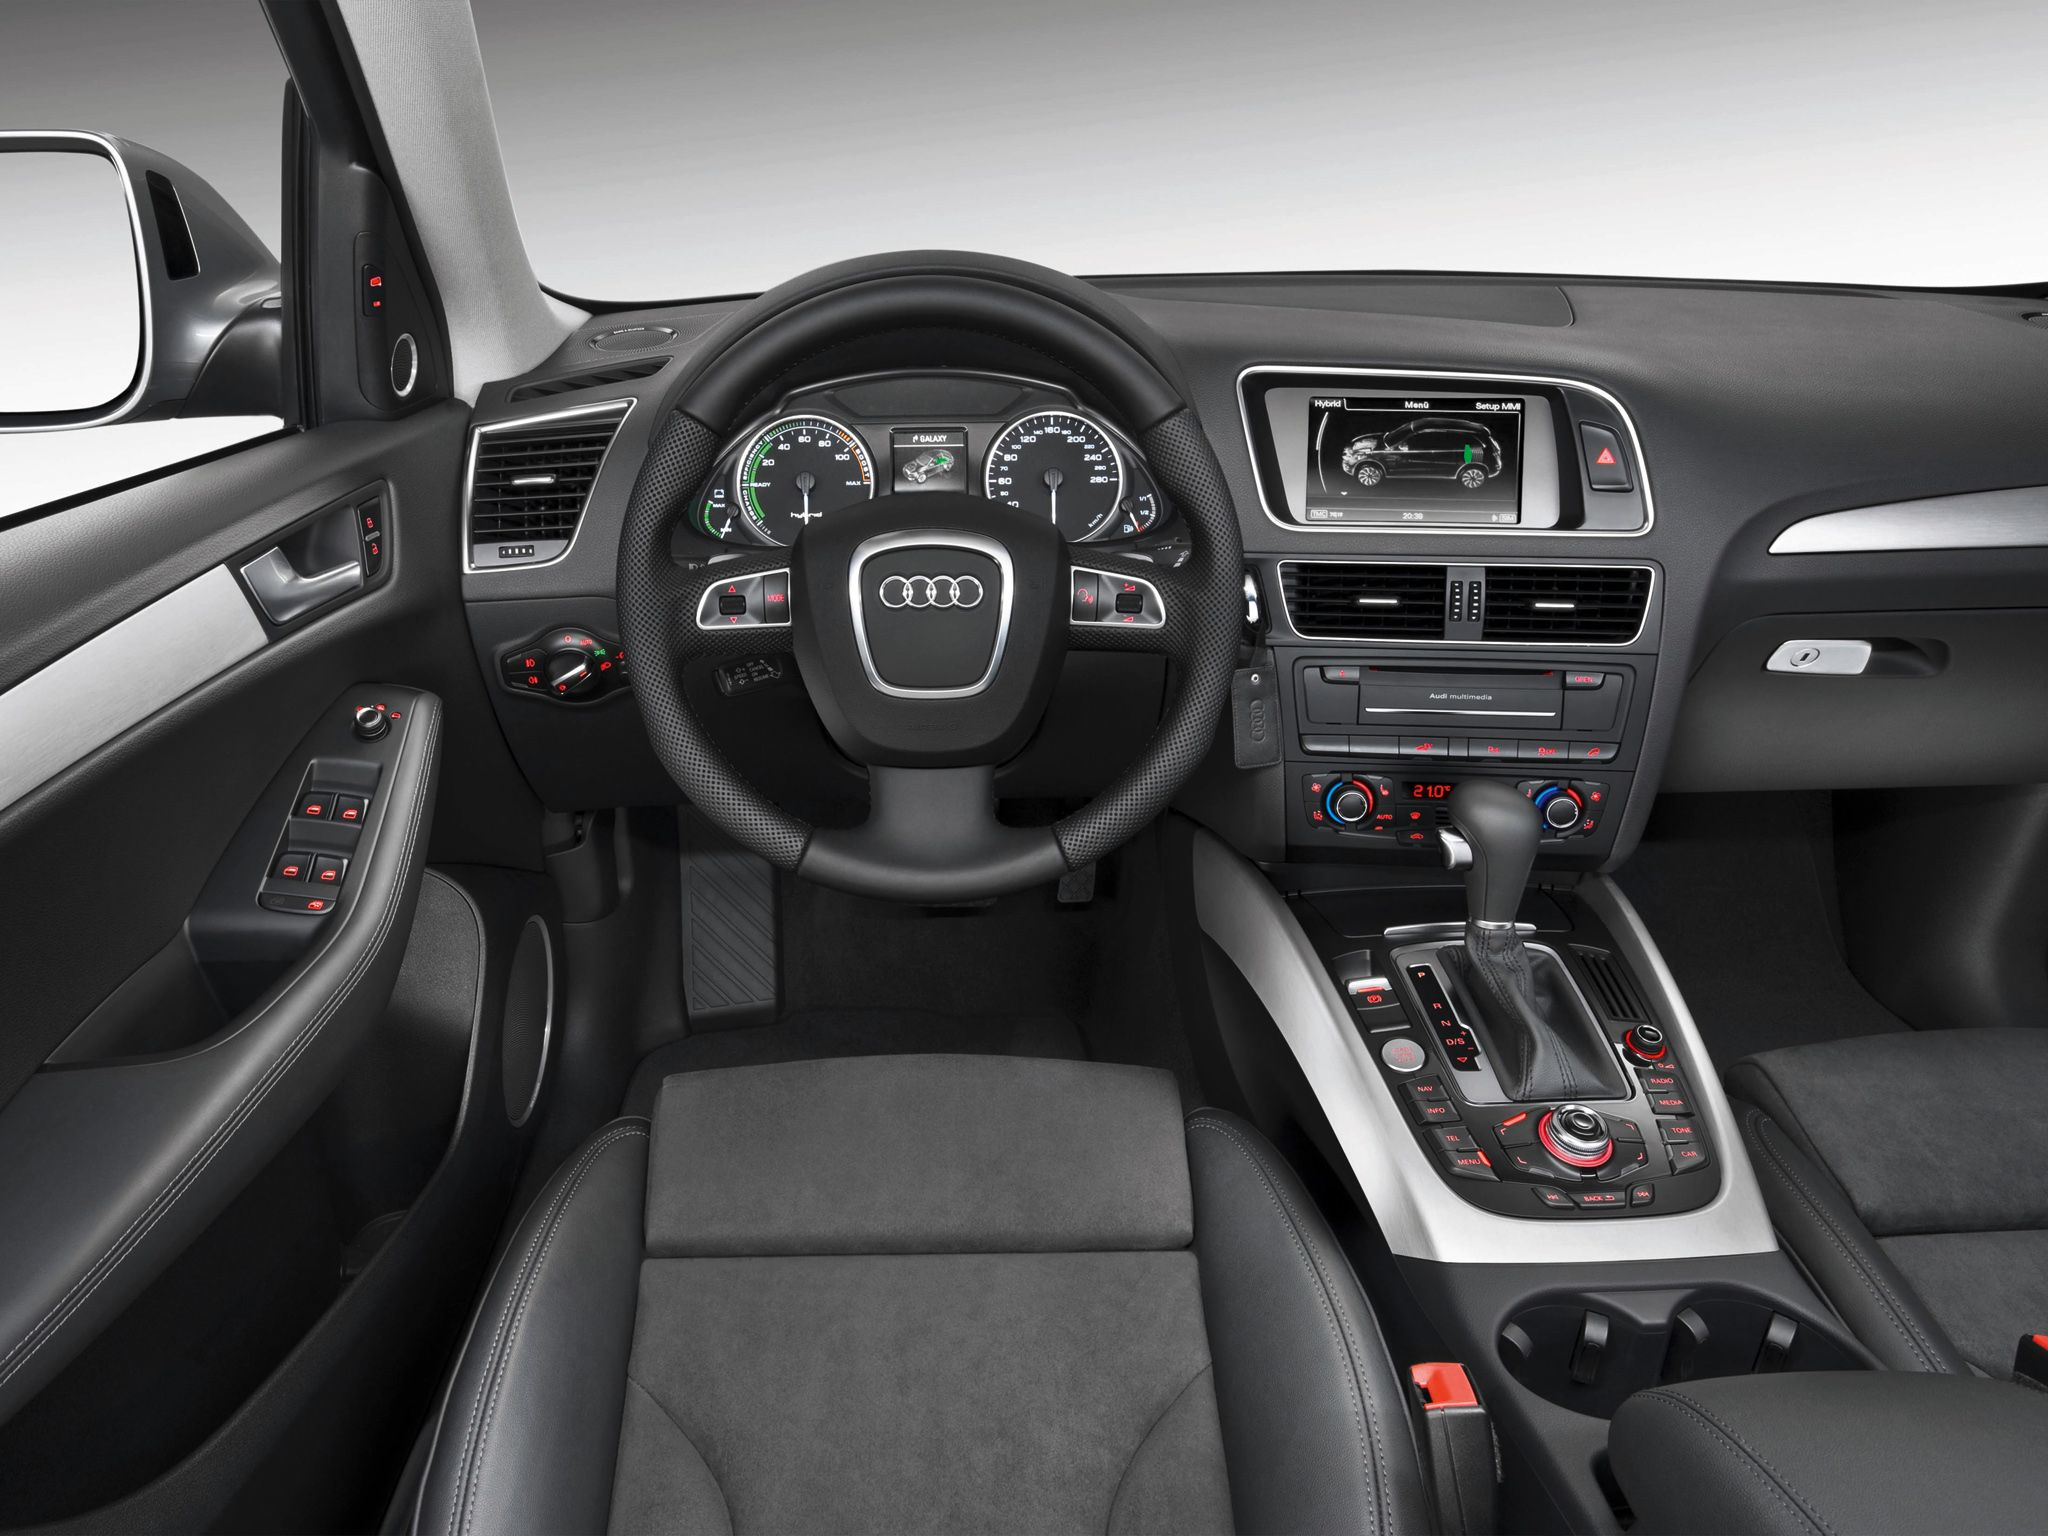 Superior 2012 Audi Q5 Hybrid